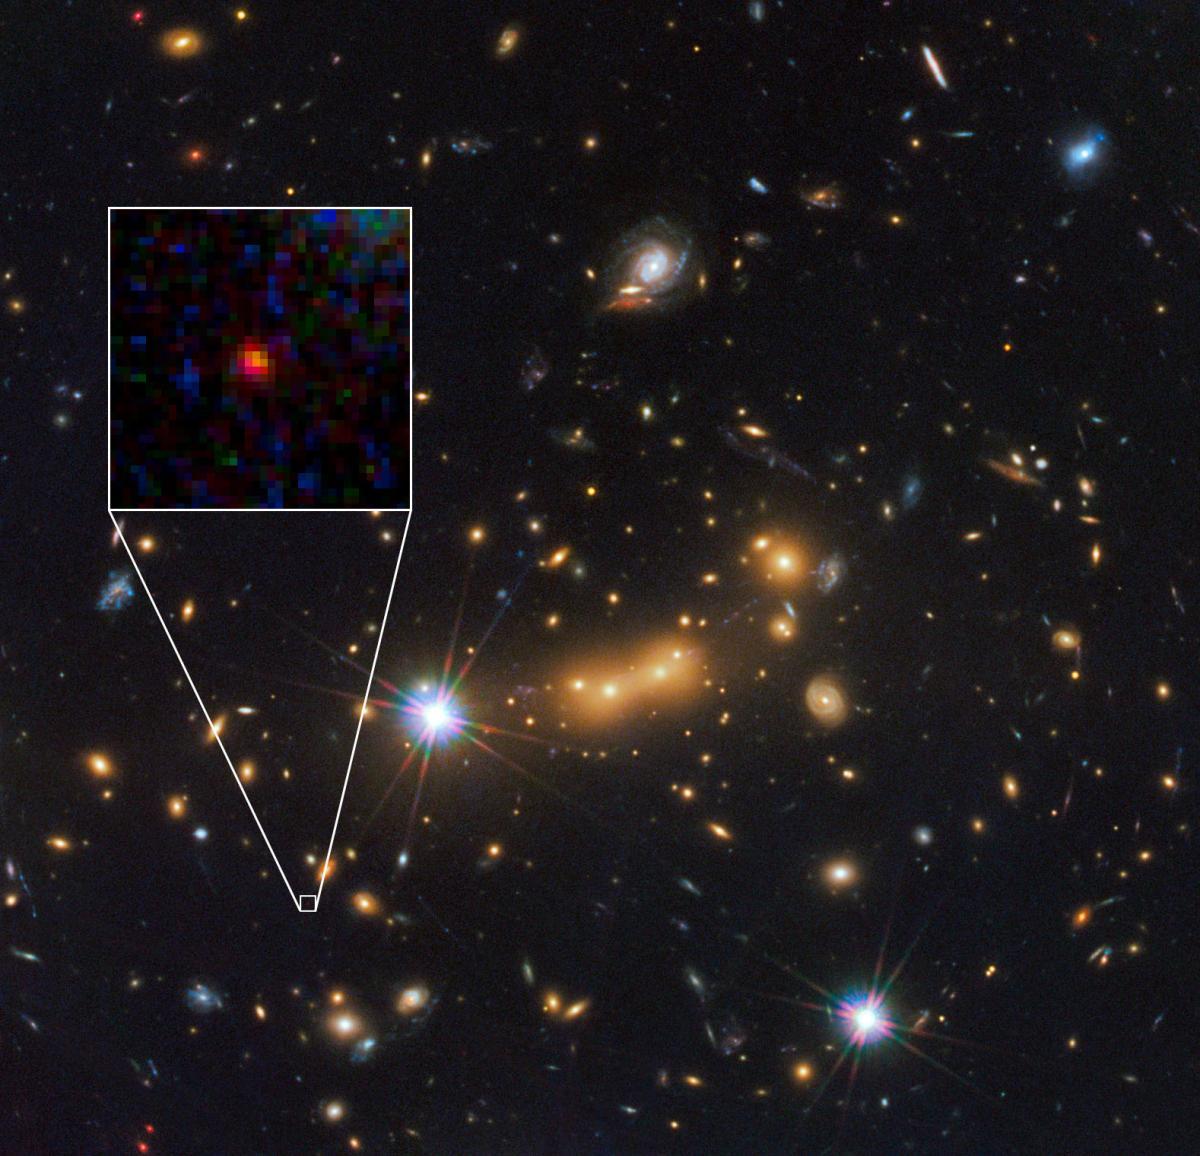 Las galaxias lejanas se ven más rojas que las galaxias cercanas. Este hecho observacional básico es una de las motivaciones observacionales de la teoría del Big-Bang. En la foto, entre otras galaxias resaltadas, aparece la imagen rojiza de la galaxia MACS0647-JD, una de las más remotas jamás observadas (crédito: NASA/Hubble)